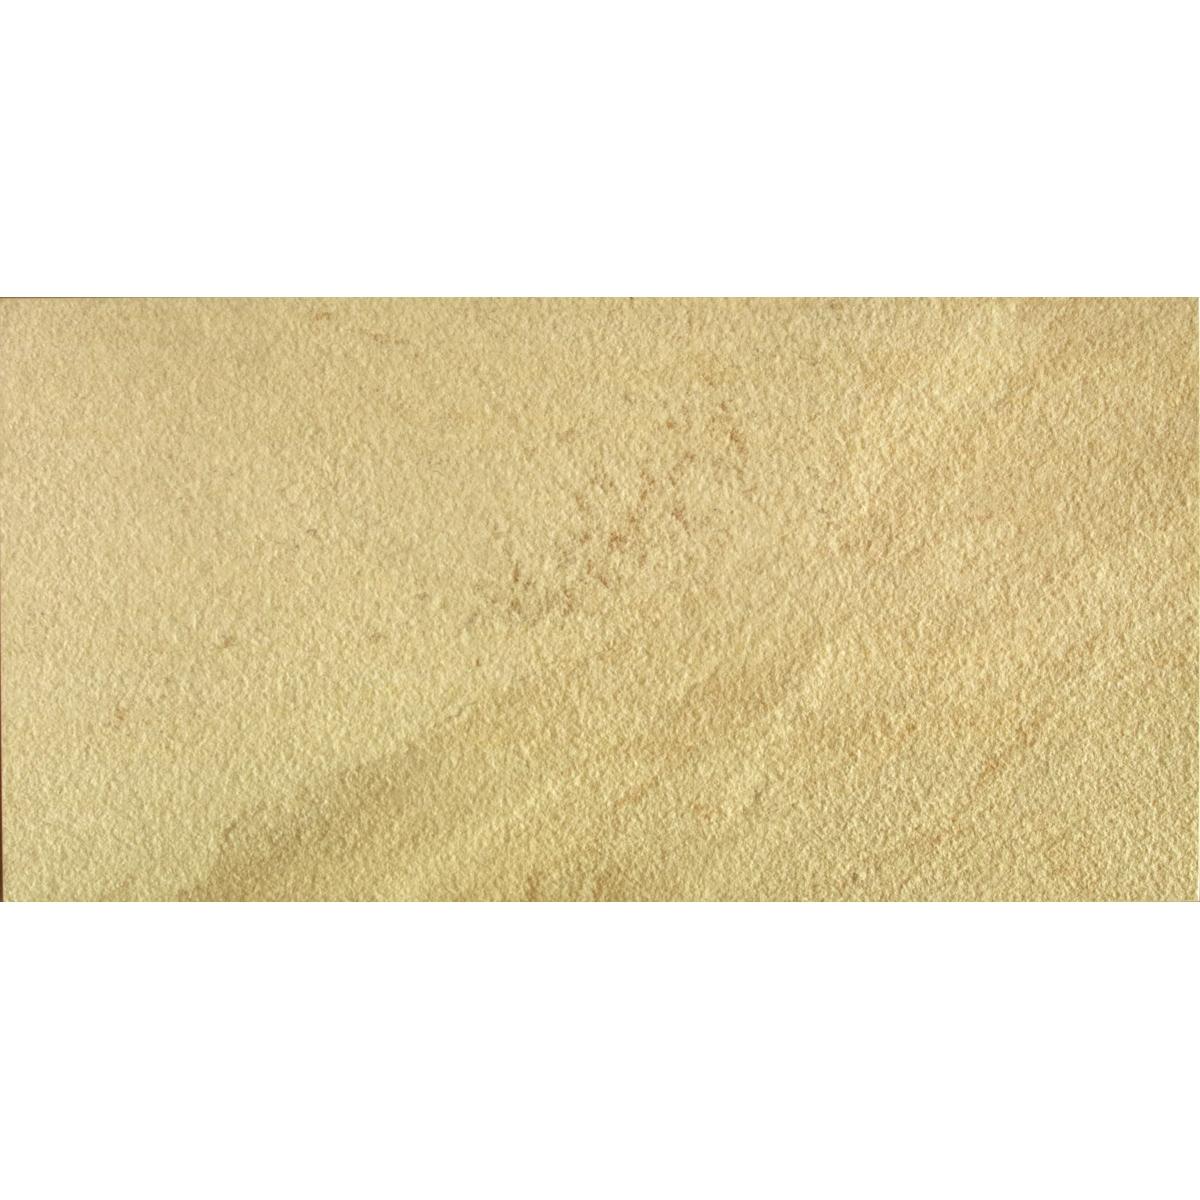 Texturado Nazca (m2) - Serie Texturado - Marca GrecoGres